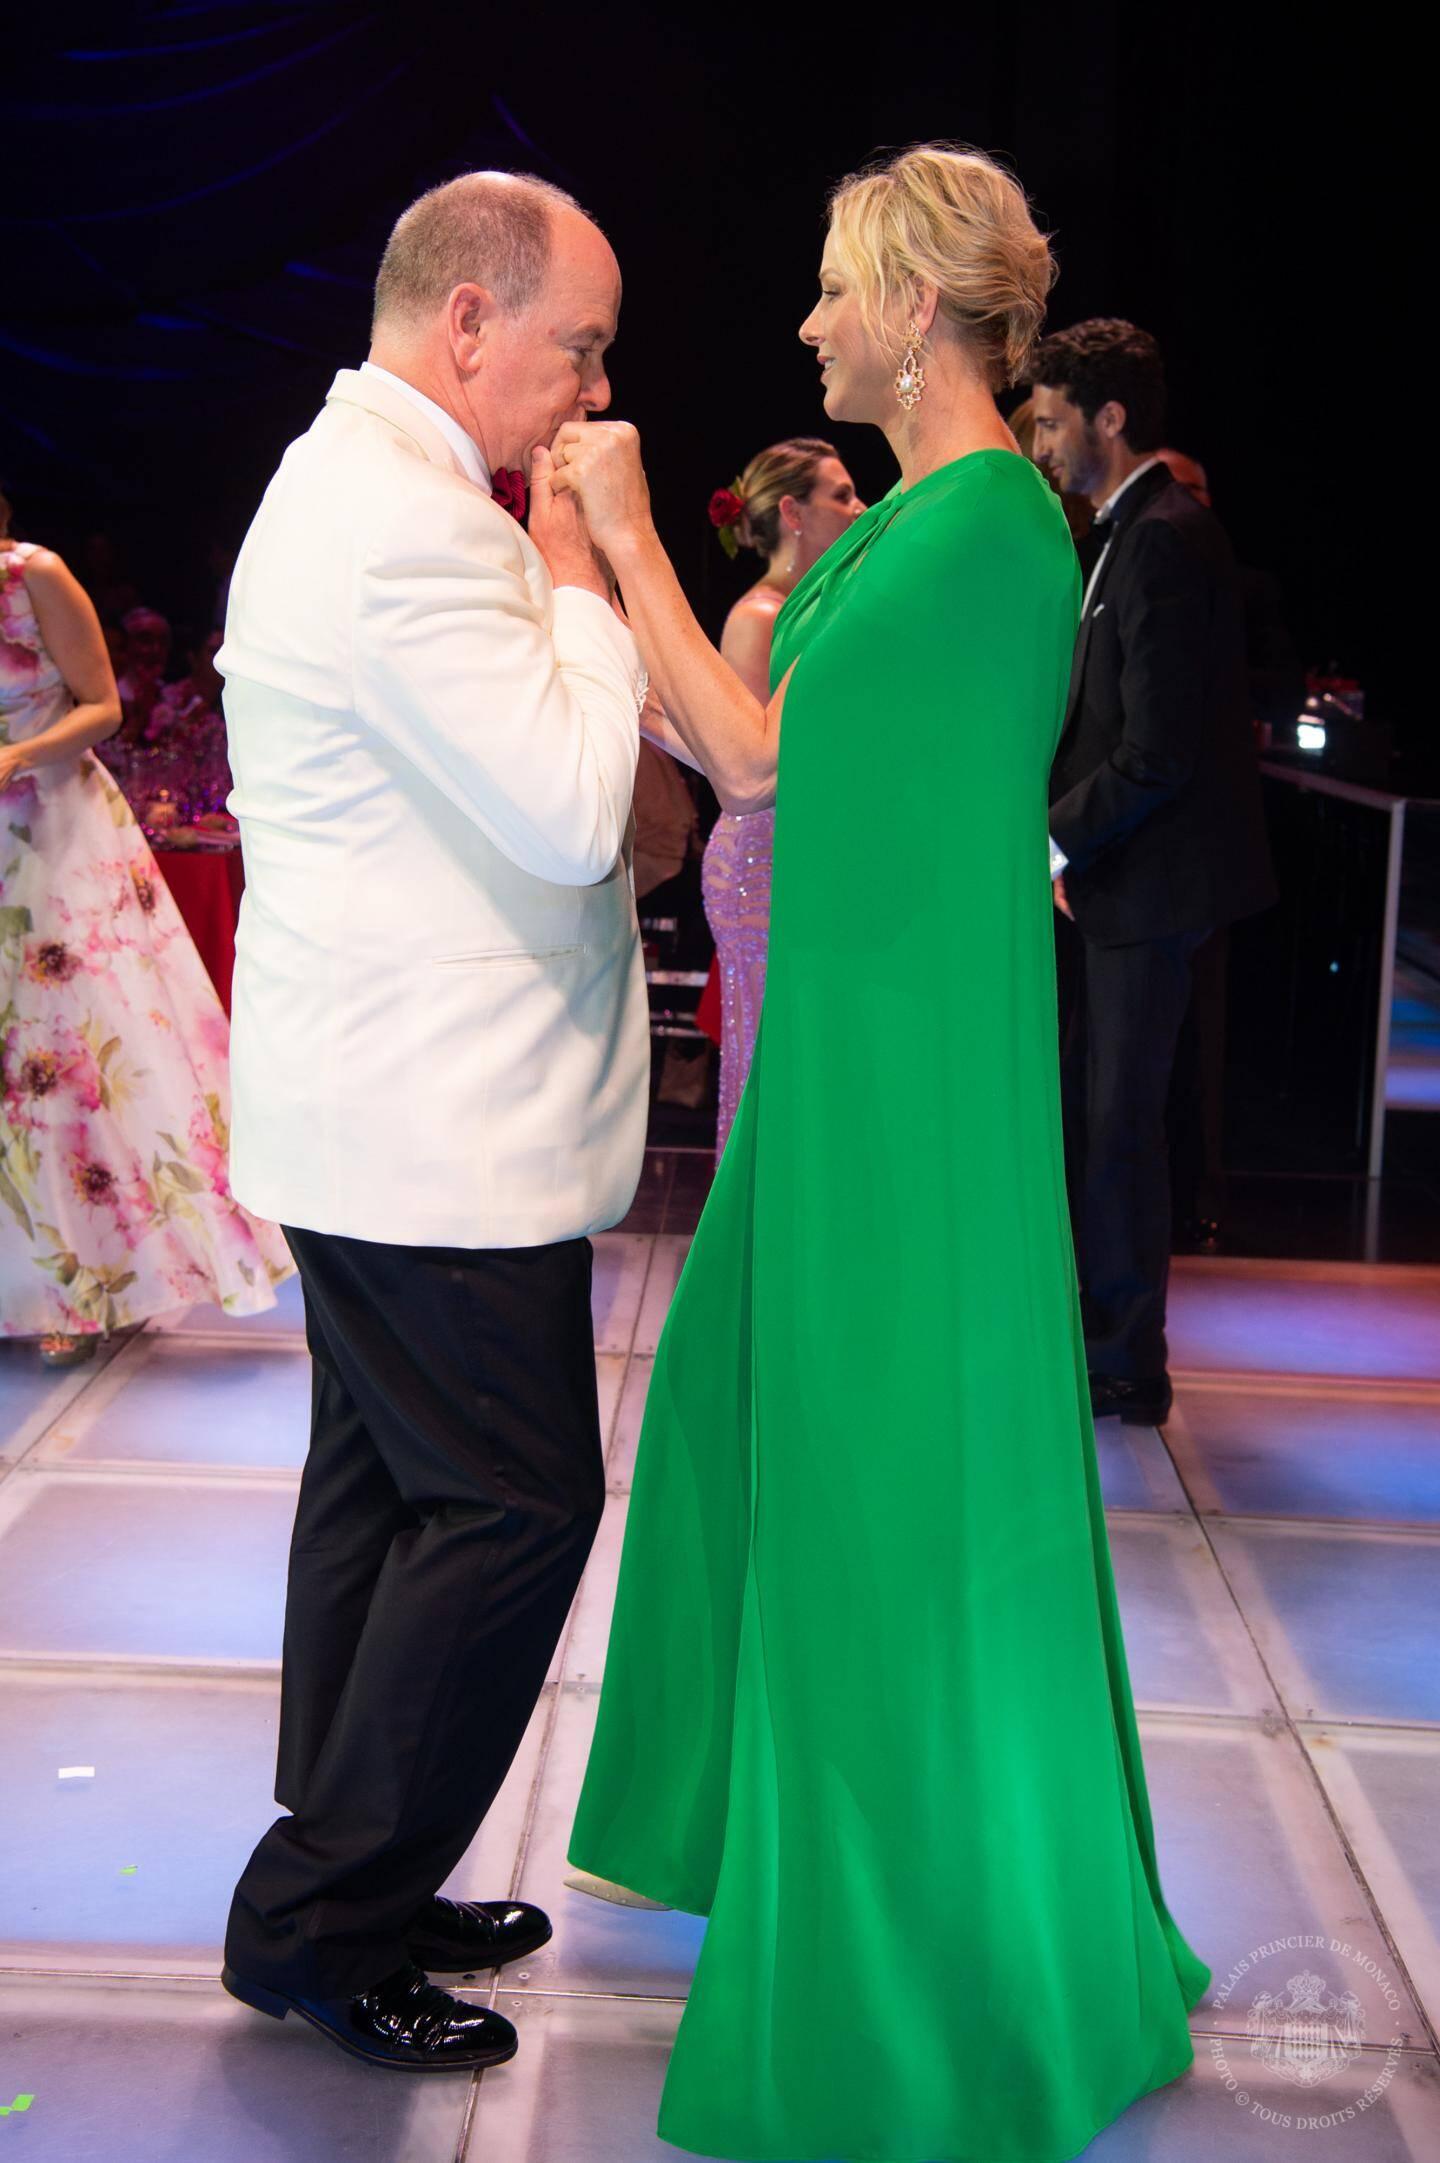 La princesse avait invité le groupe sud-africain Prime Circle, qui a rendu hommage à Johnny Clegg.